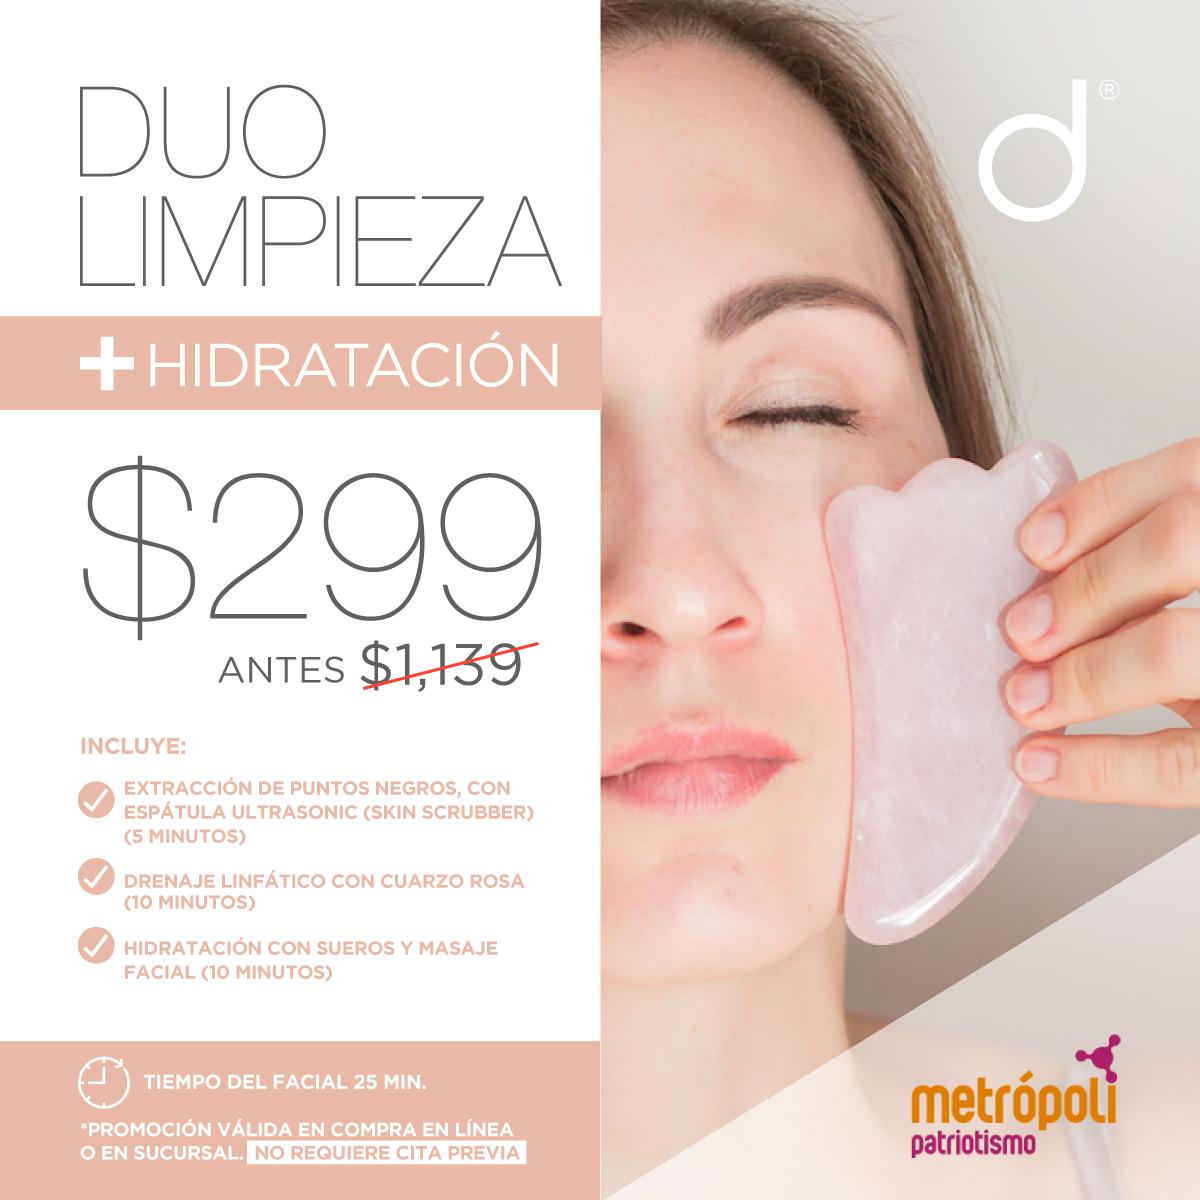 Facial Duo Limpieza + Hidratación- SÓLO METRÓPOLI PATRIOTISMO&w=900&h=900&fit=crop